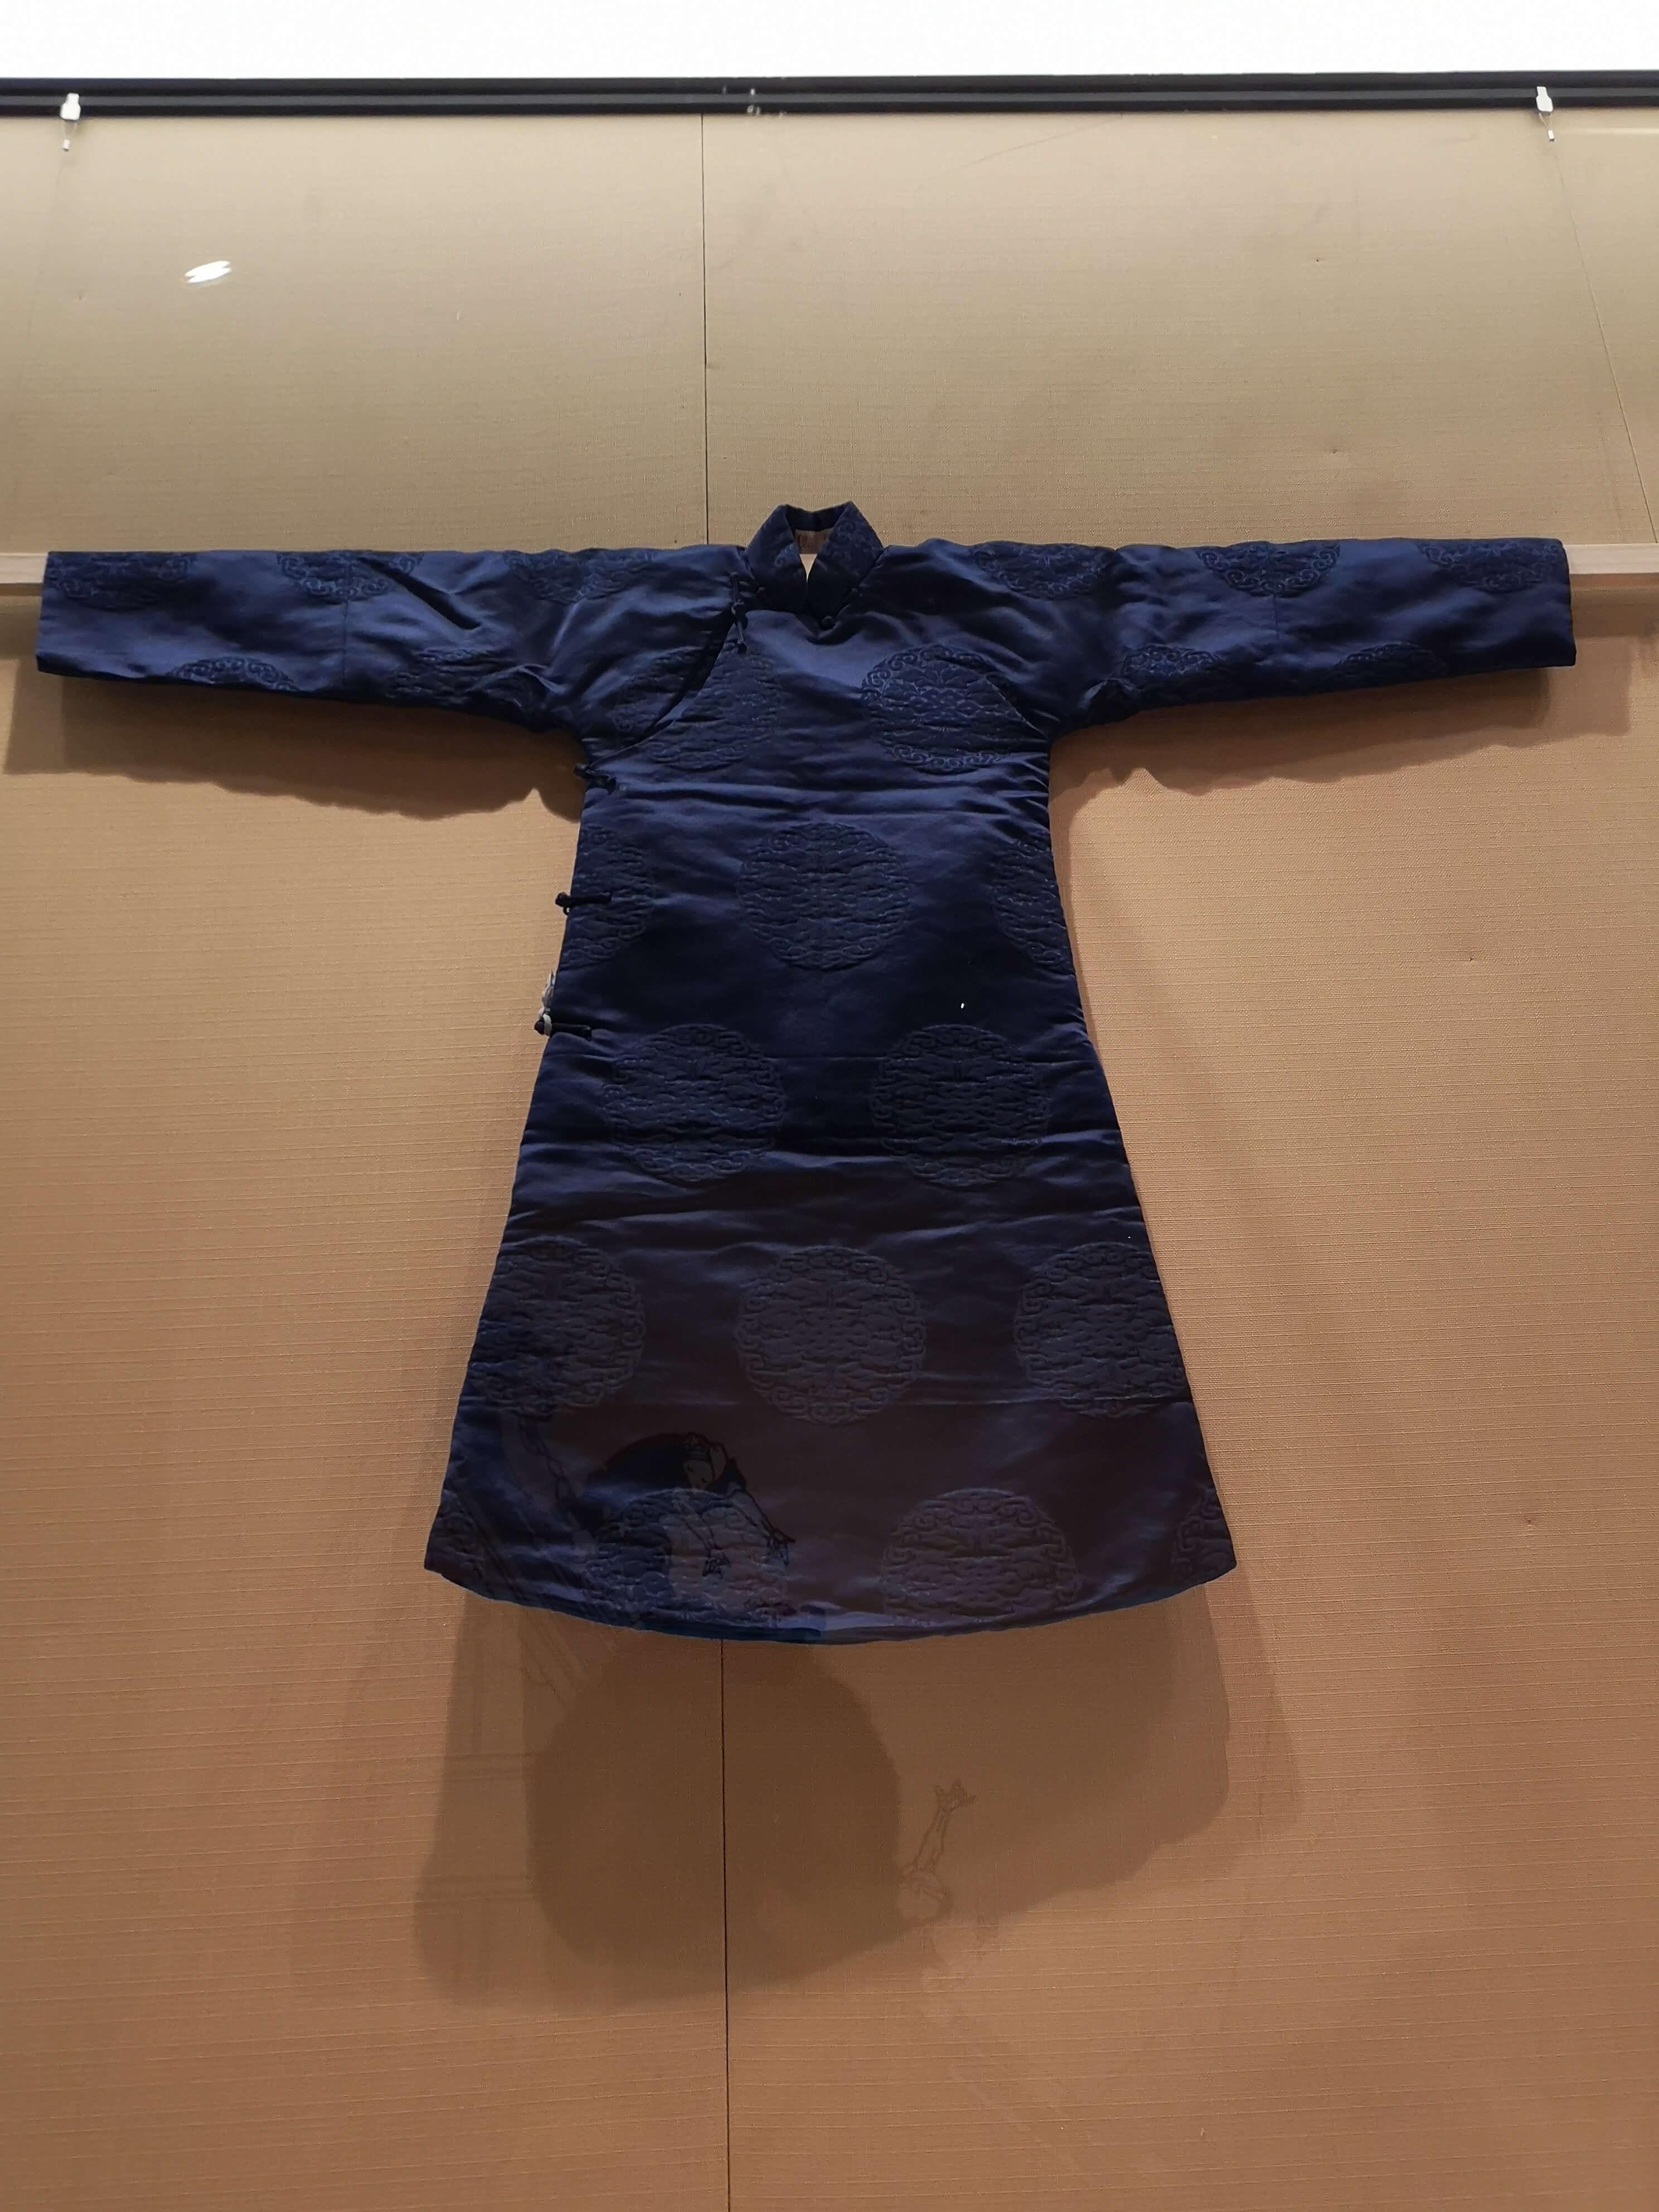 18世纪北京居民儿童穿的衣服